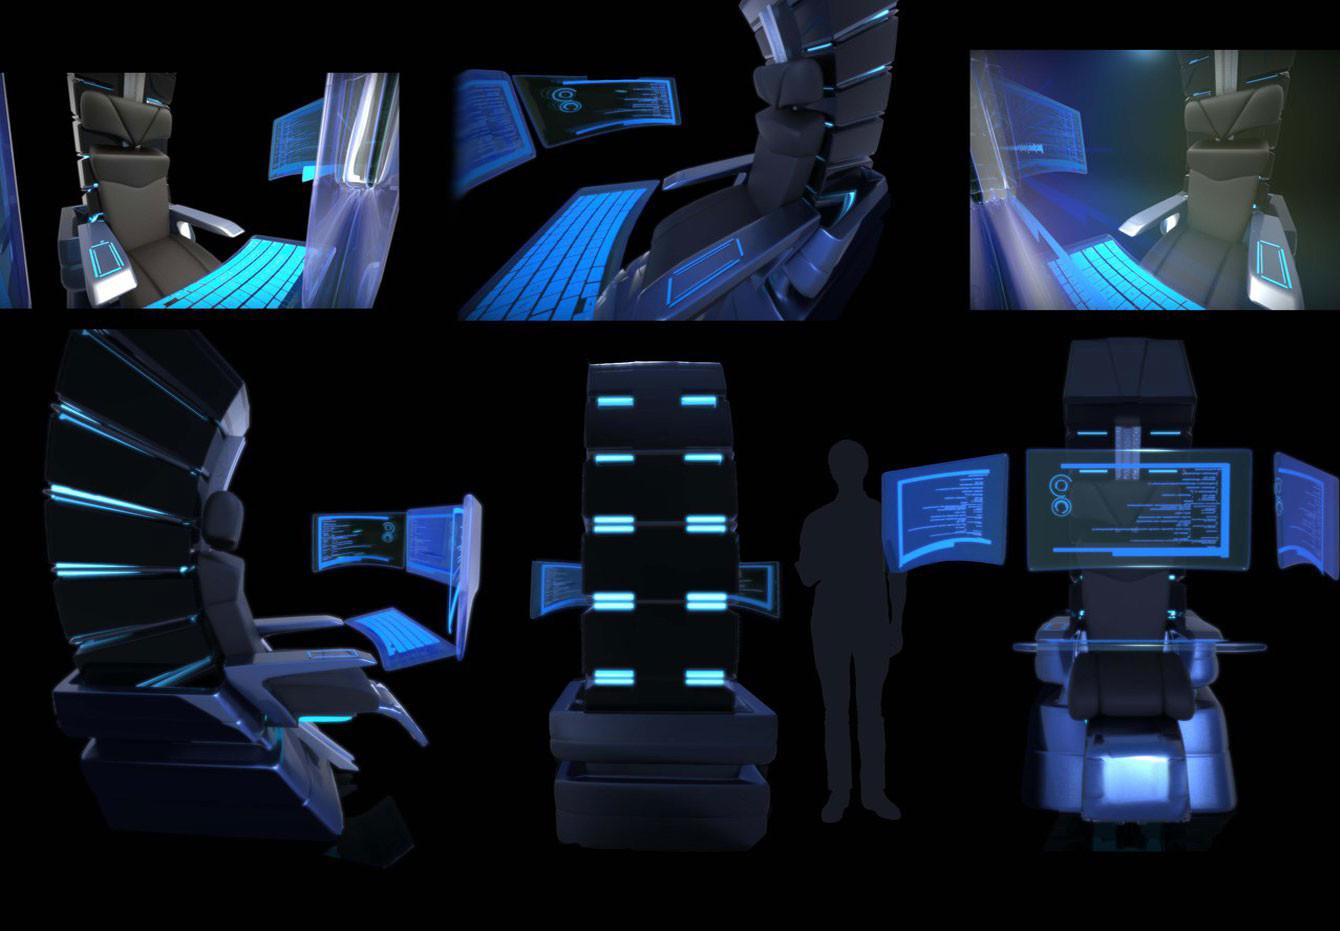 Sci-Fi Chair